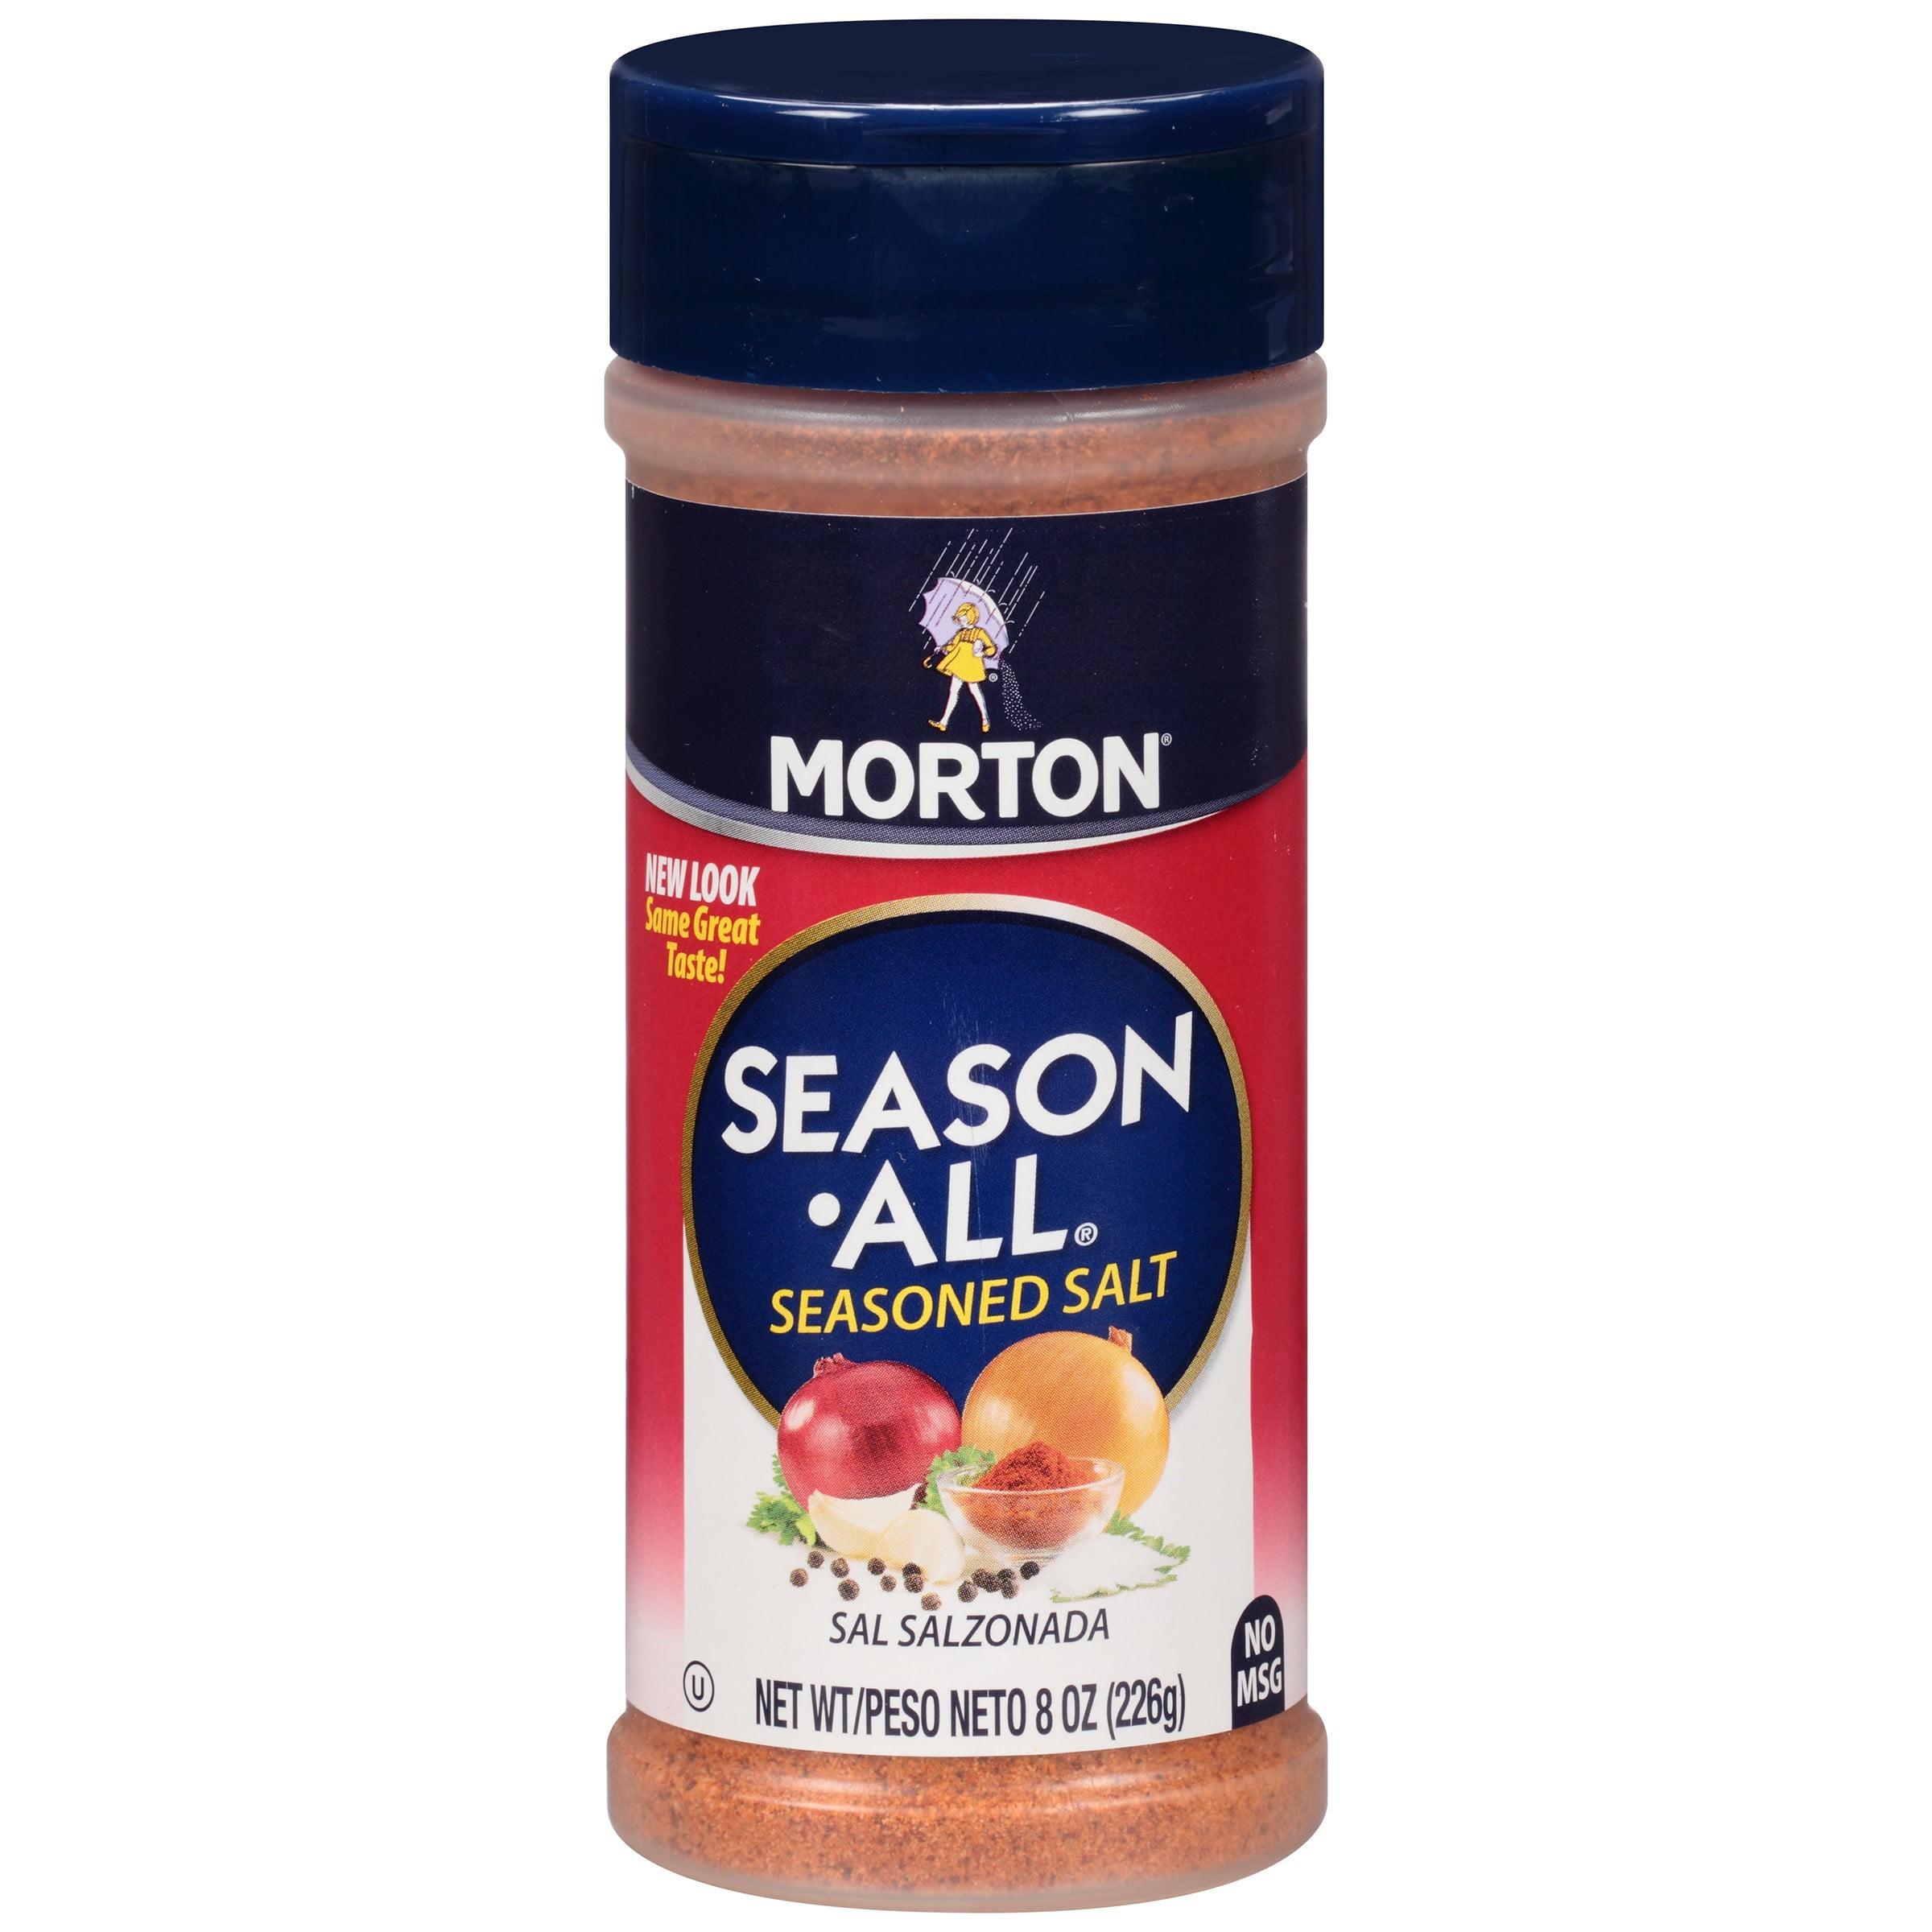 Morton Season All Seasoned Salt, 8 Oz